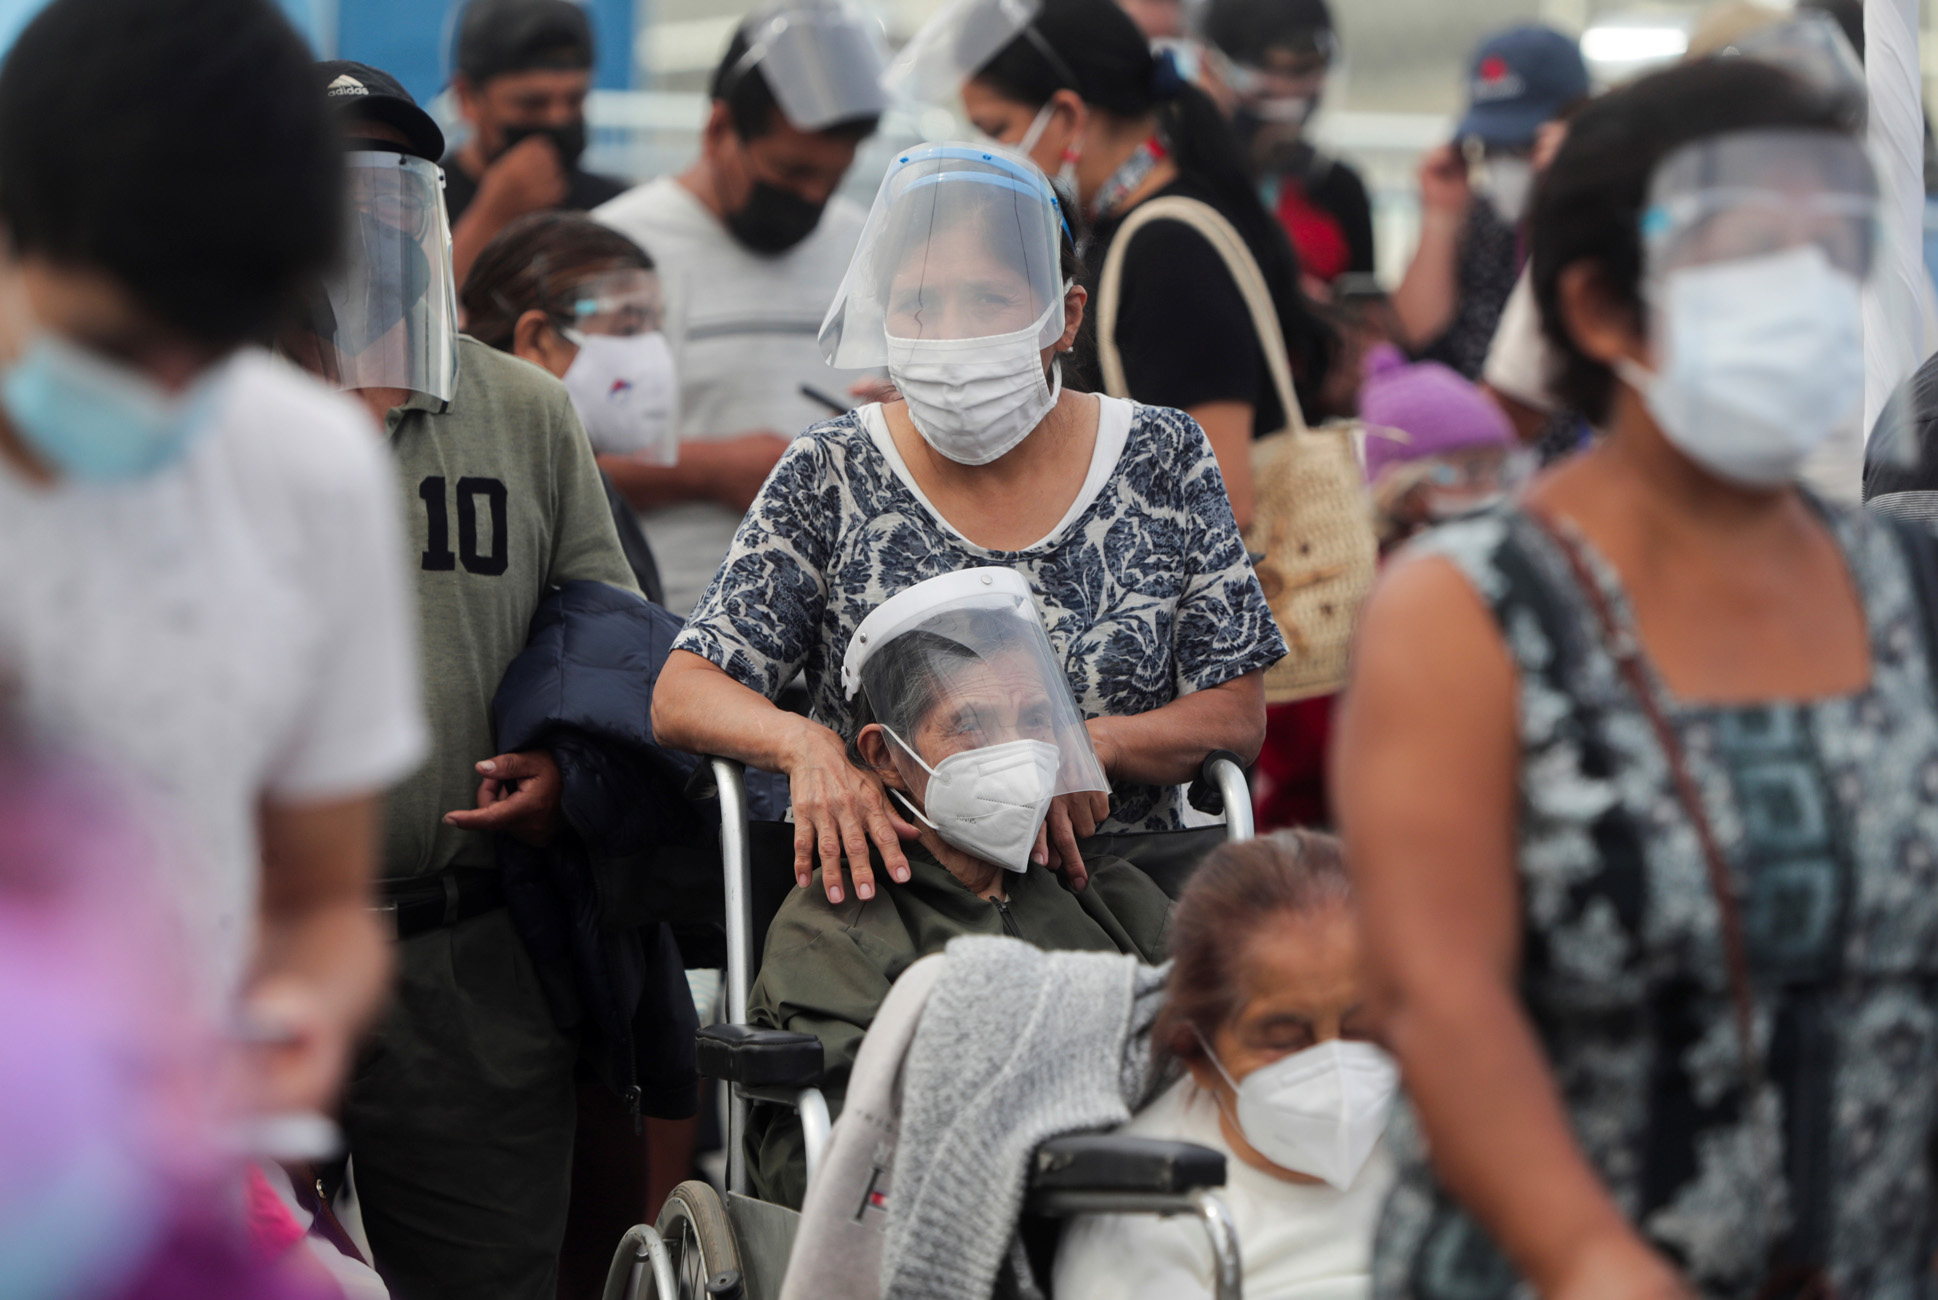 Περού: Υποχρεωτική η χρήση διπλής μάσκας στα καταστήματα